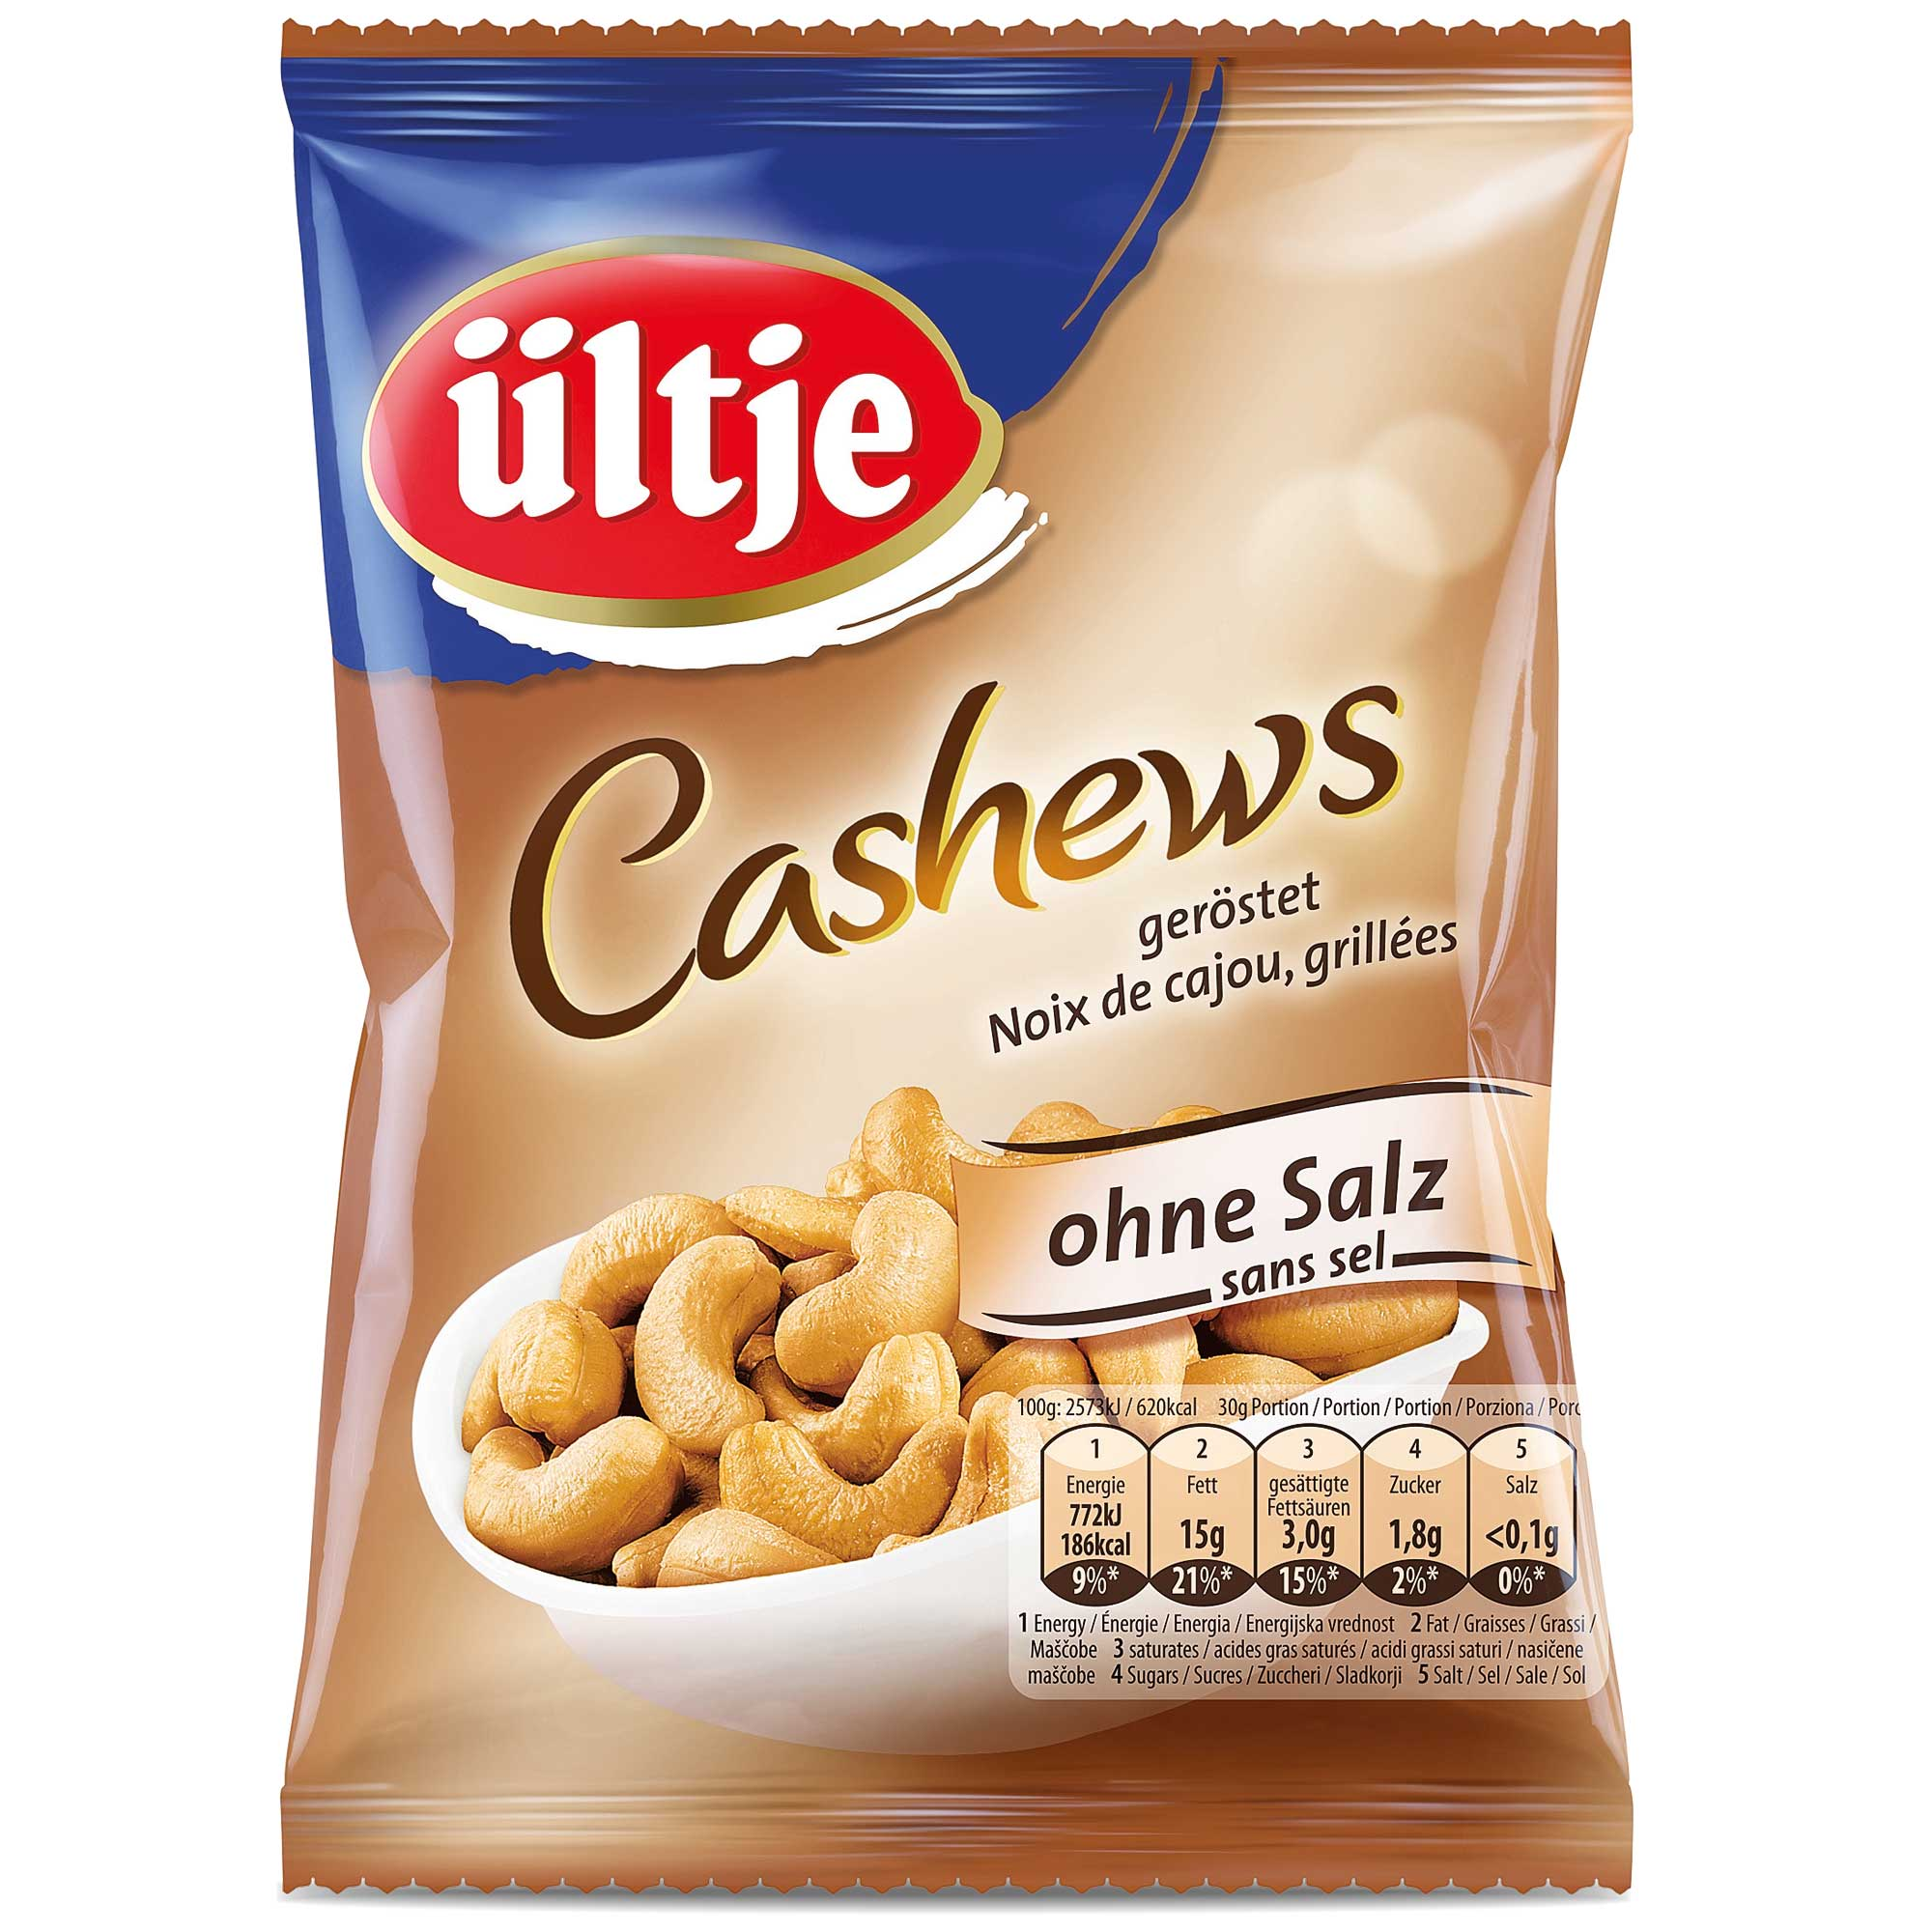 ültje cashews geröstet ohne salz  online kaufen im world  ~ Geschirrspülmaschine Ohne Salz